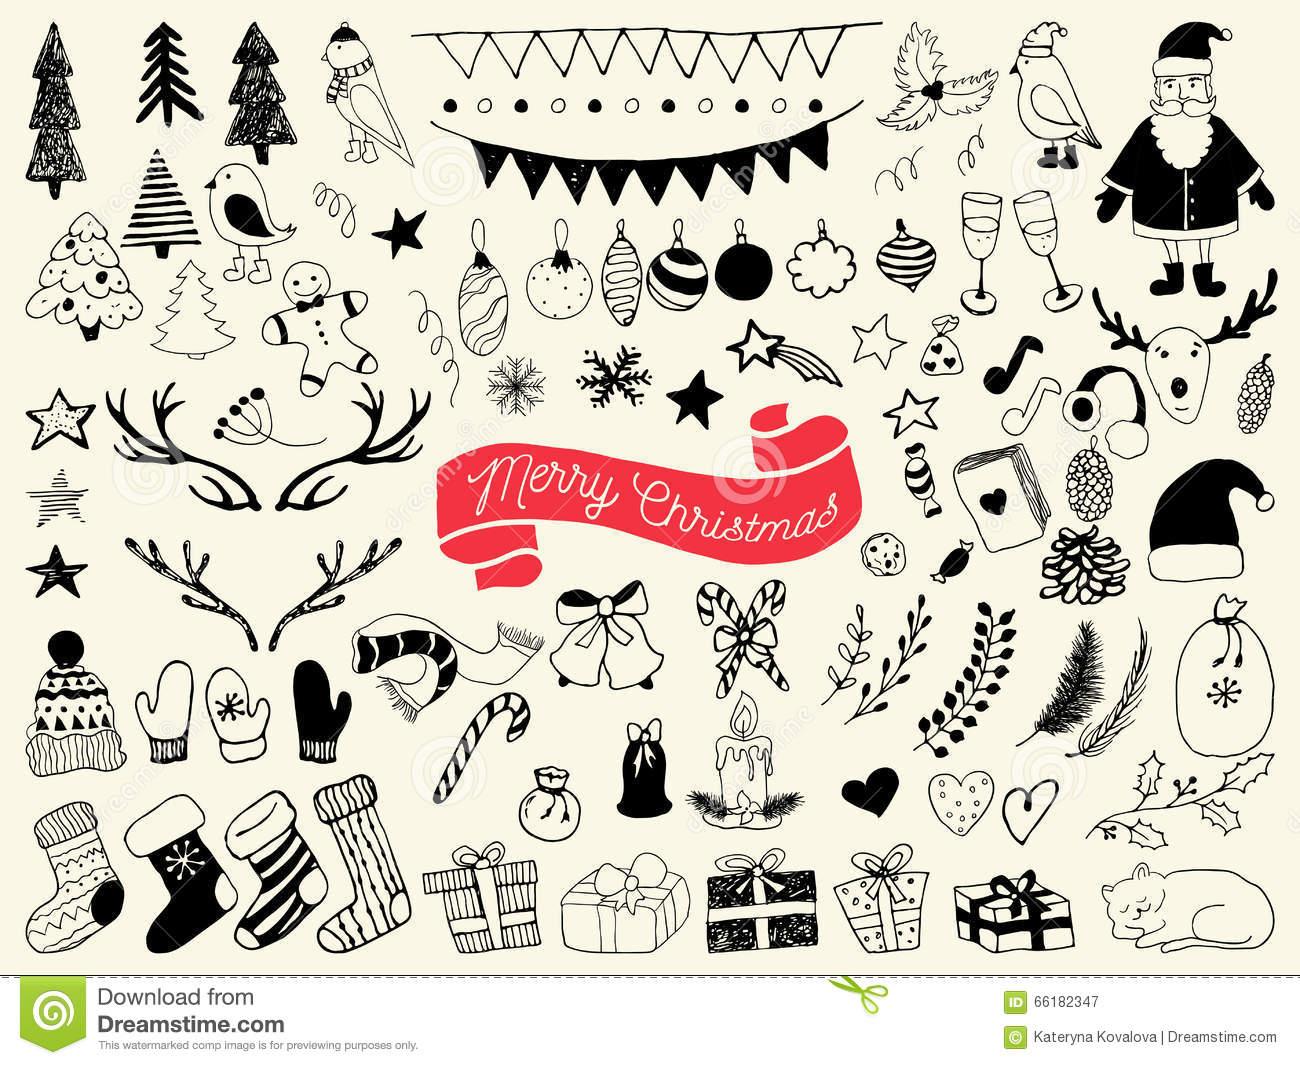 1300x1065 Christmas Symbols Drawings Fun For Christmas